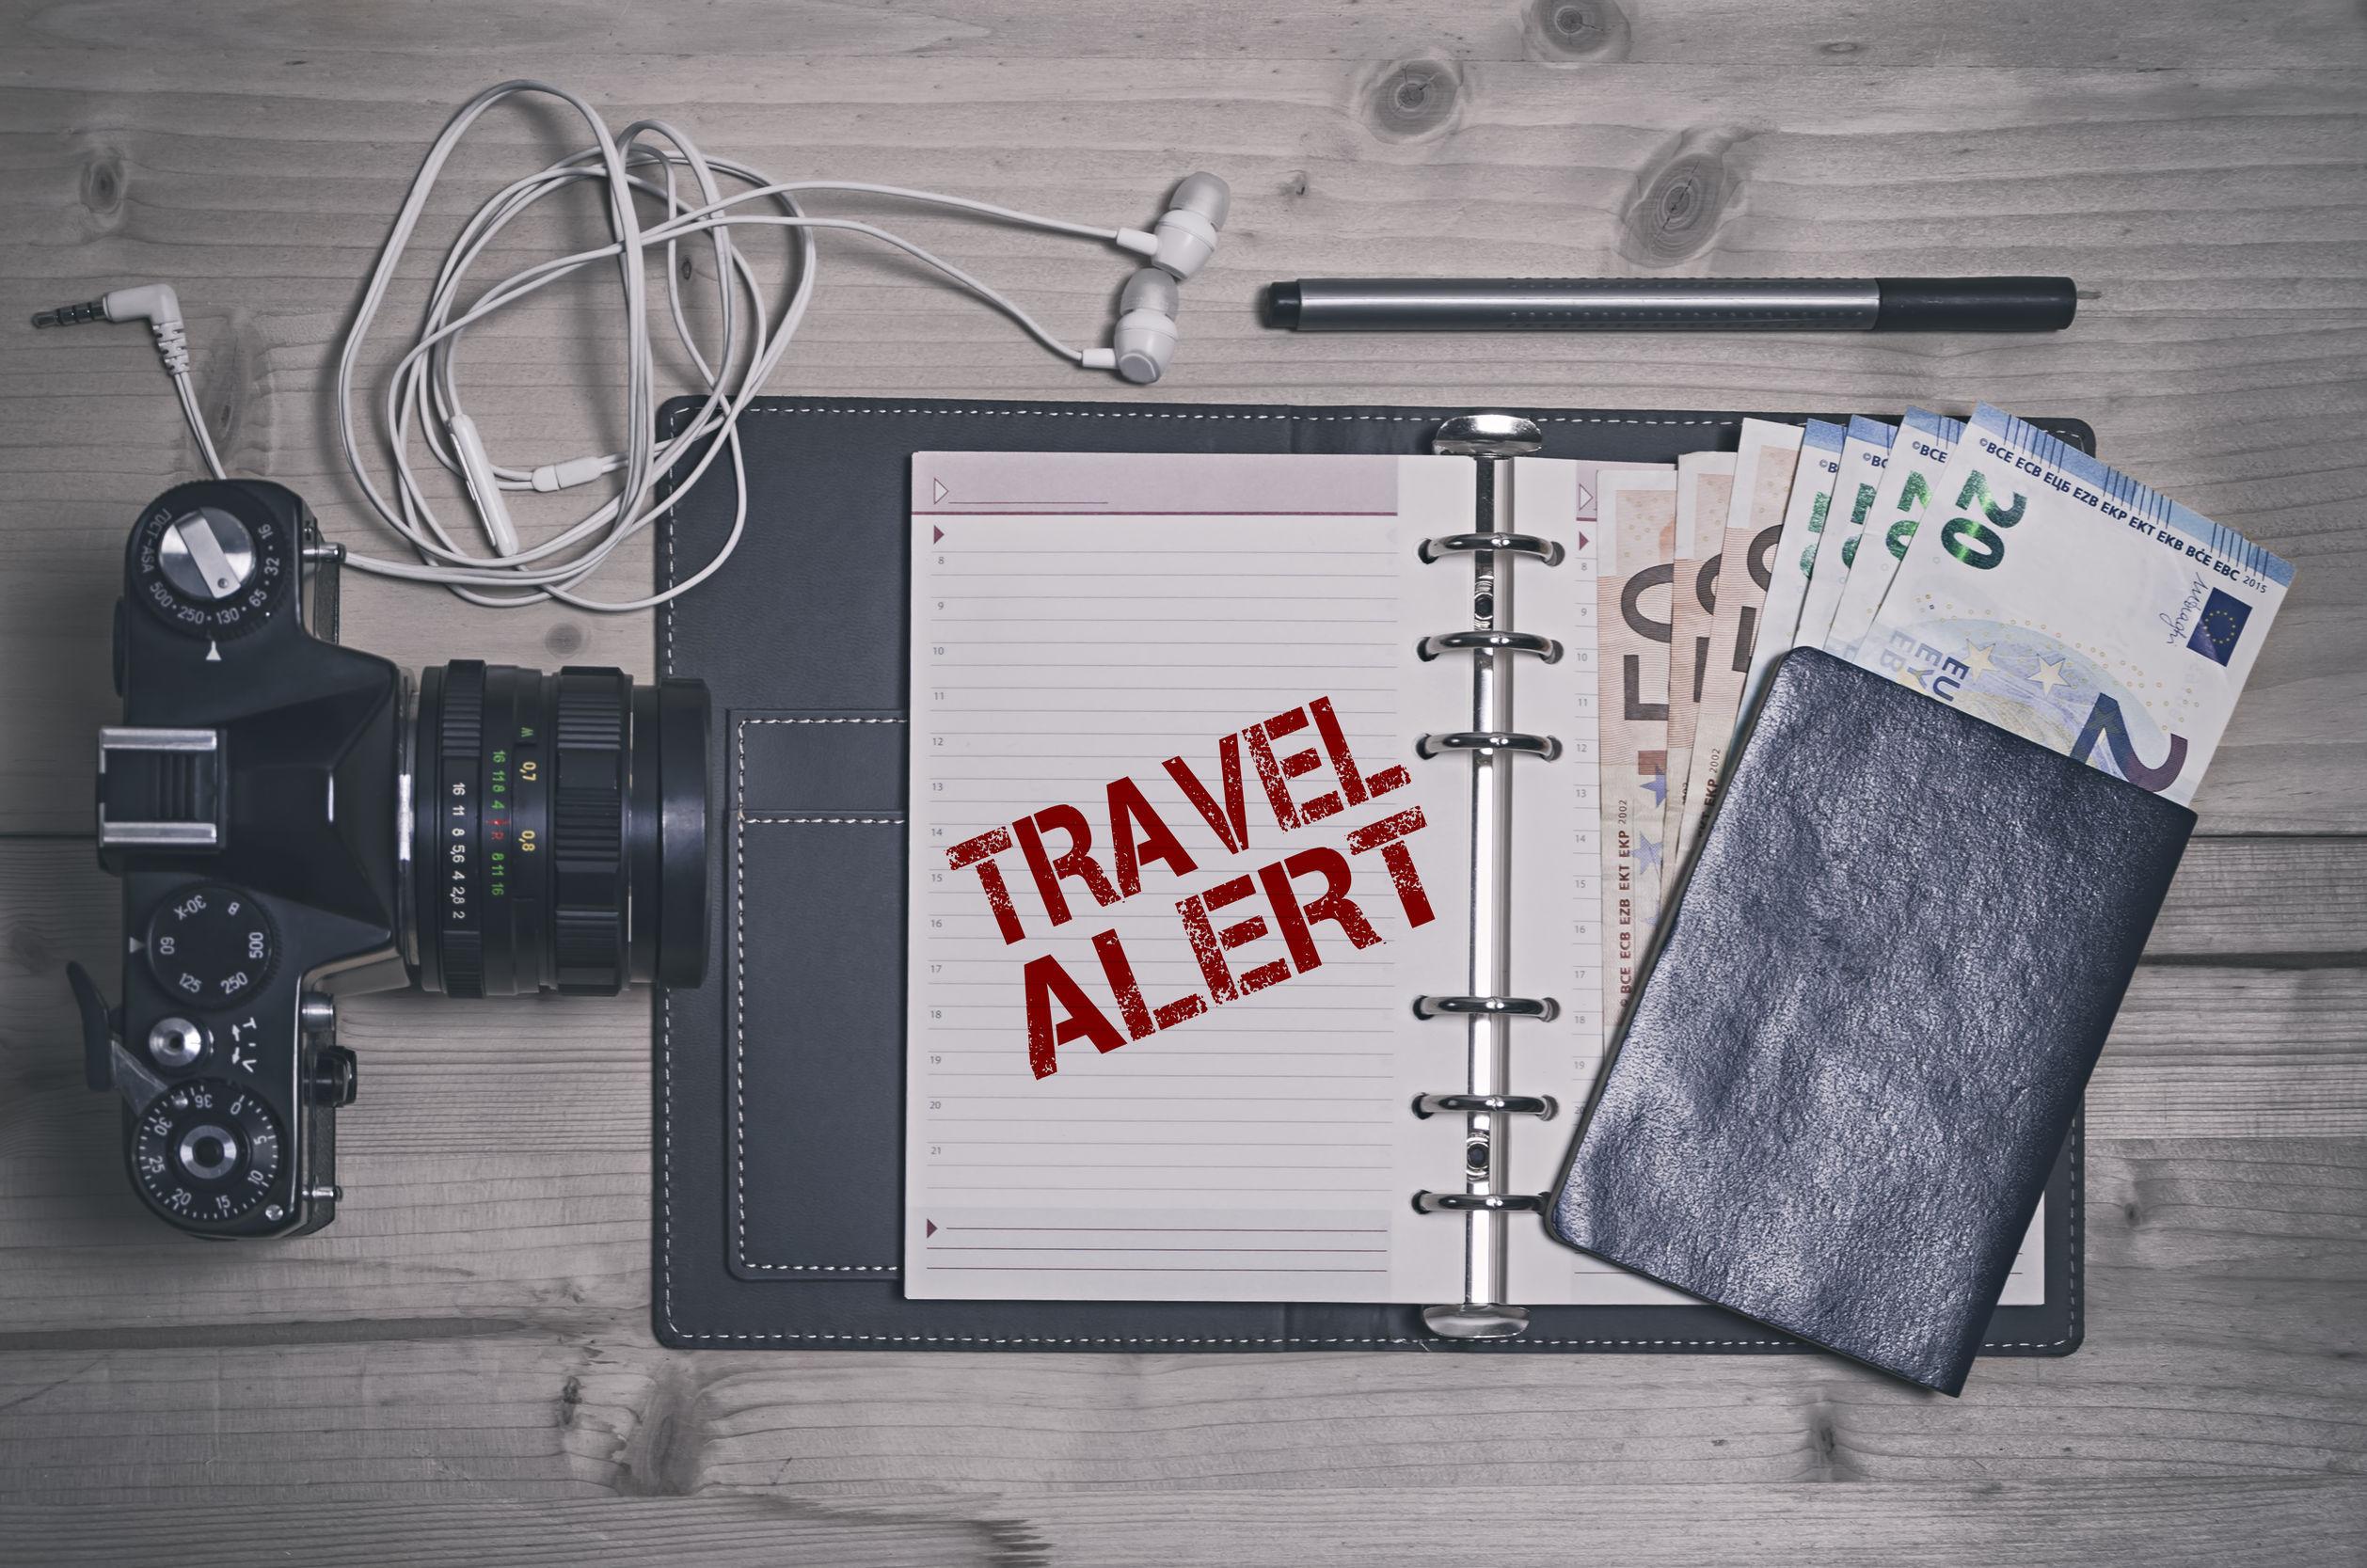 Ministerul Afacerilor Externe a emis o avertizare de călătorie pentru statul american Florida